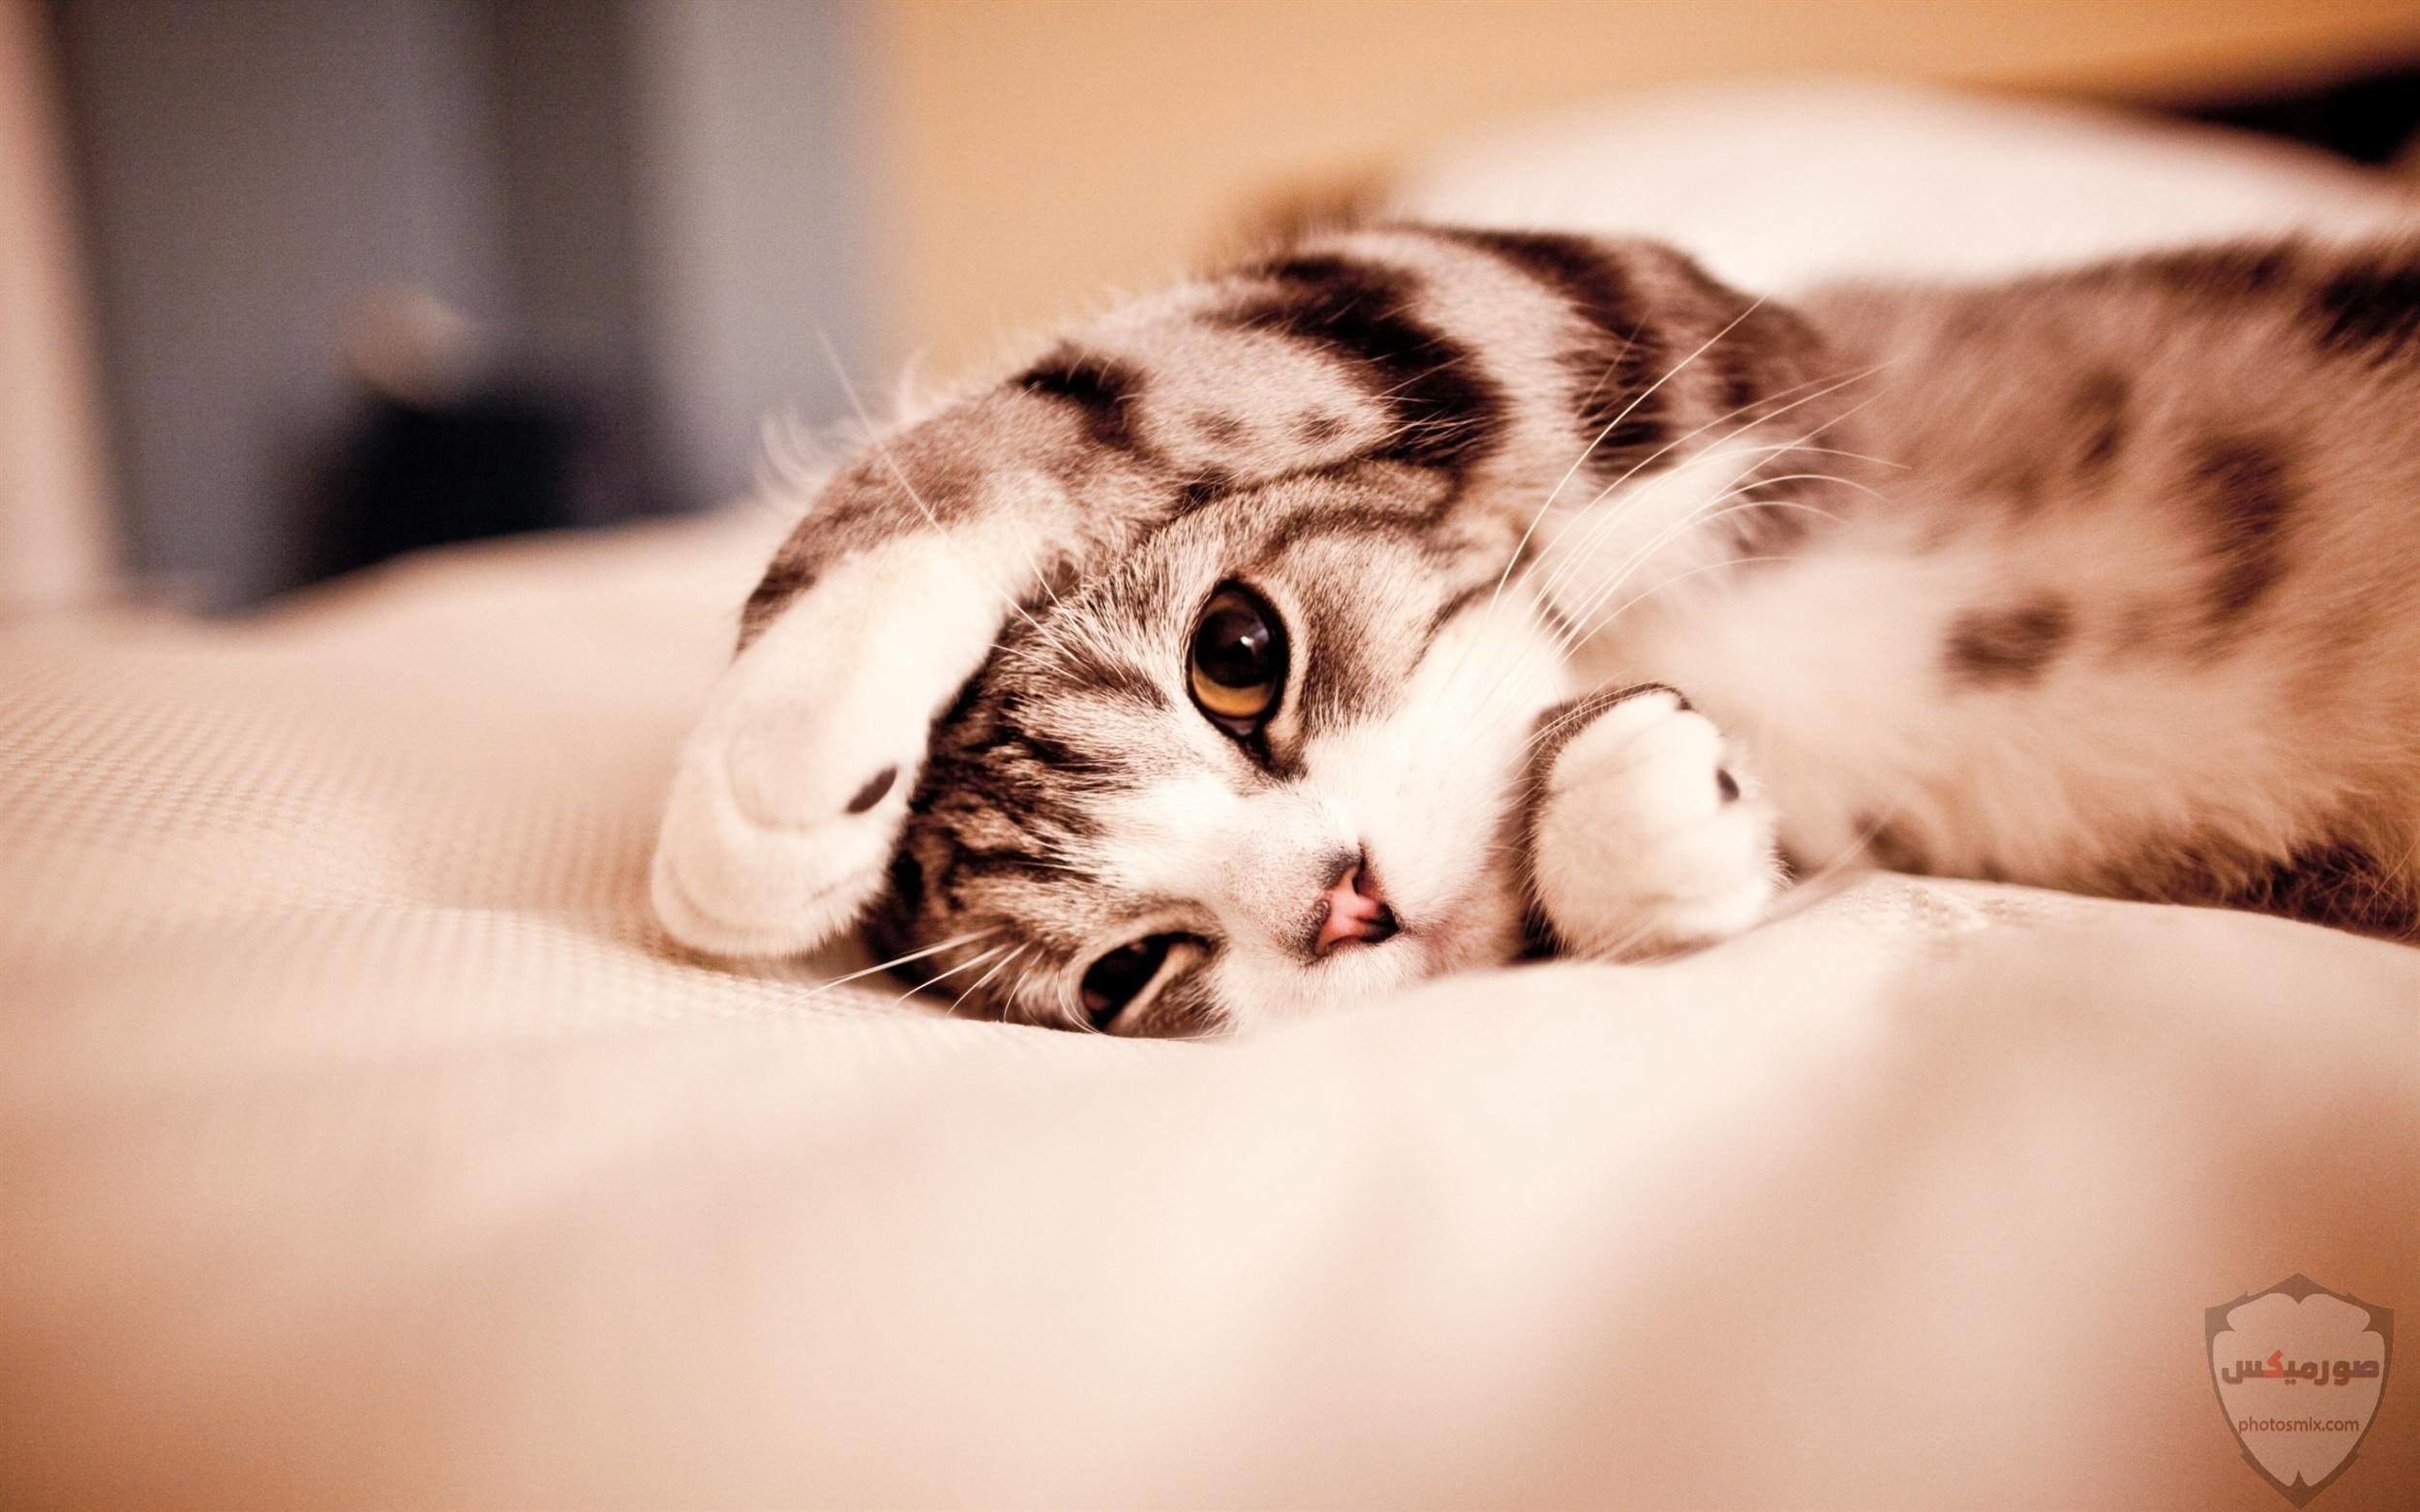 صور خلفيات رمزيات قطط كيوت صورة قطة كيوت جدا 11